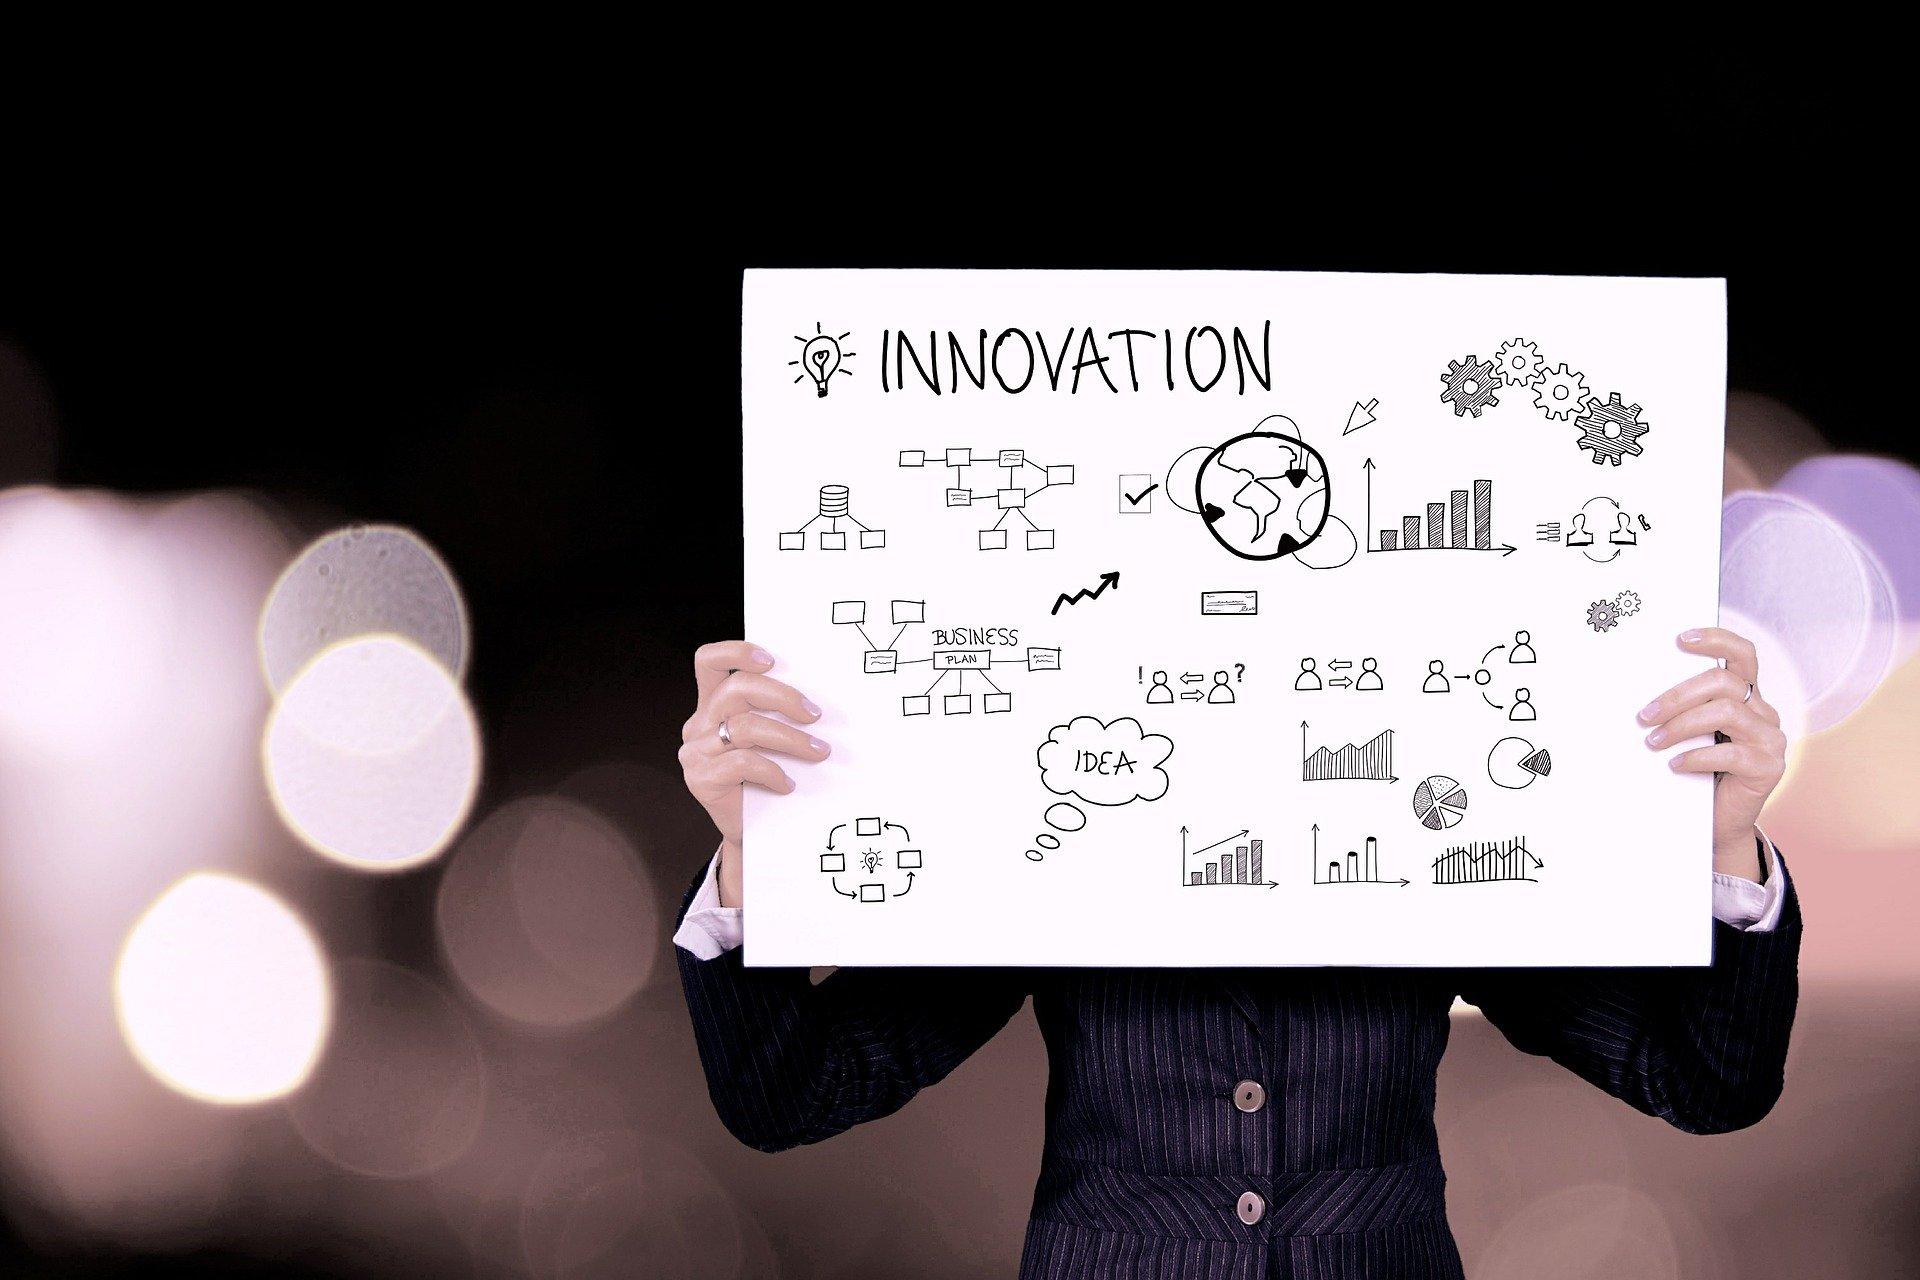 Empresas deben impulsar introvación social: MIT Sloan